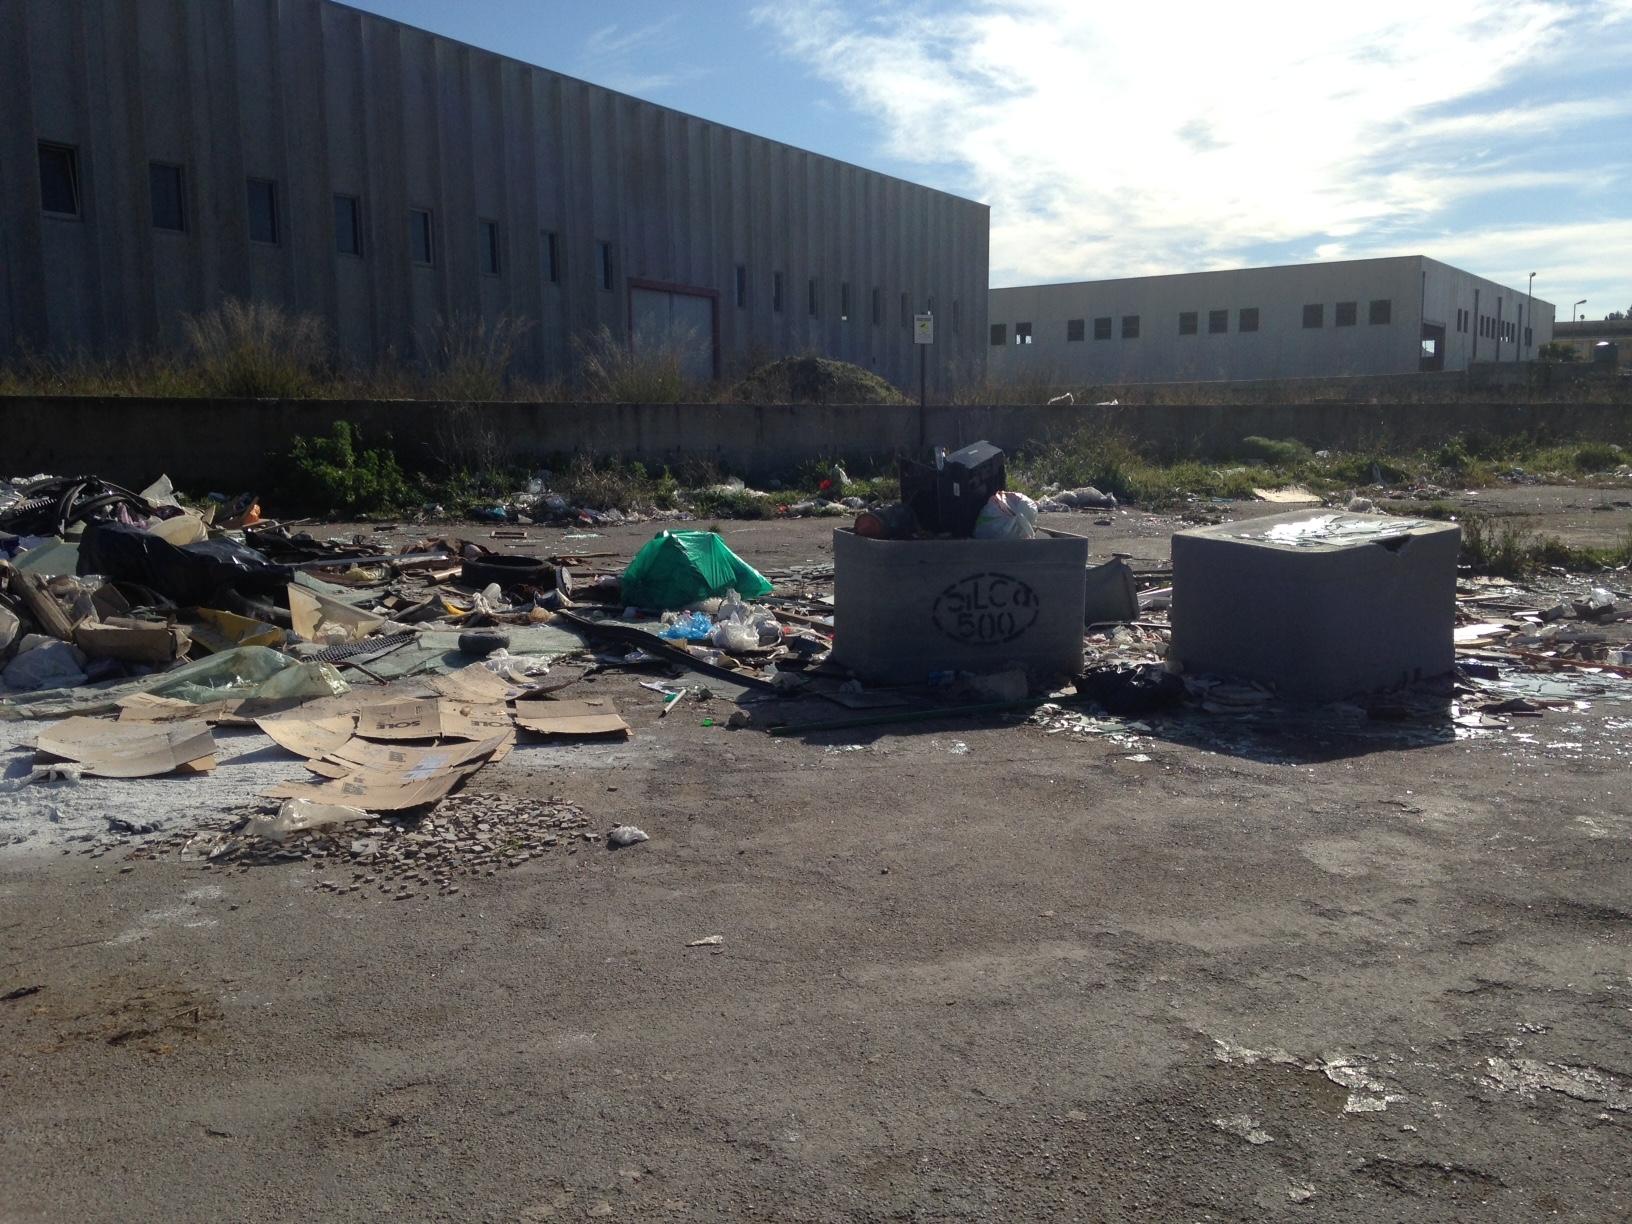 Zona ASI di Agrigento. In assenza di controlli si alimentano le discariche abusive